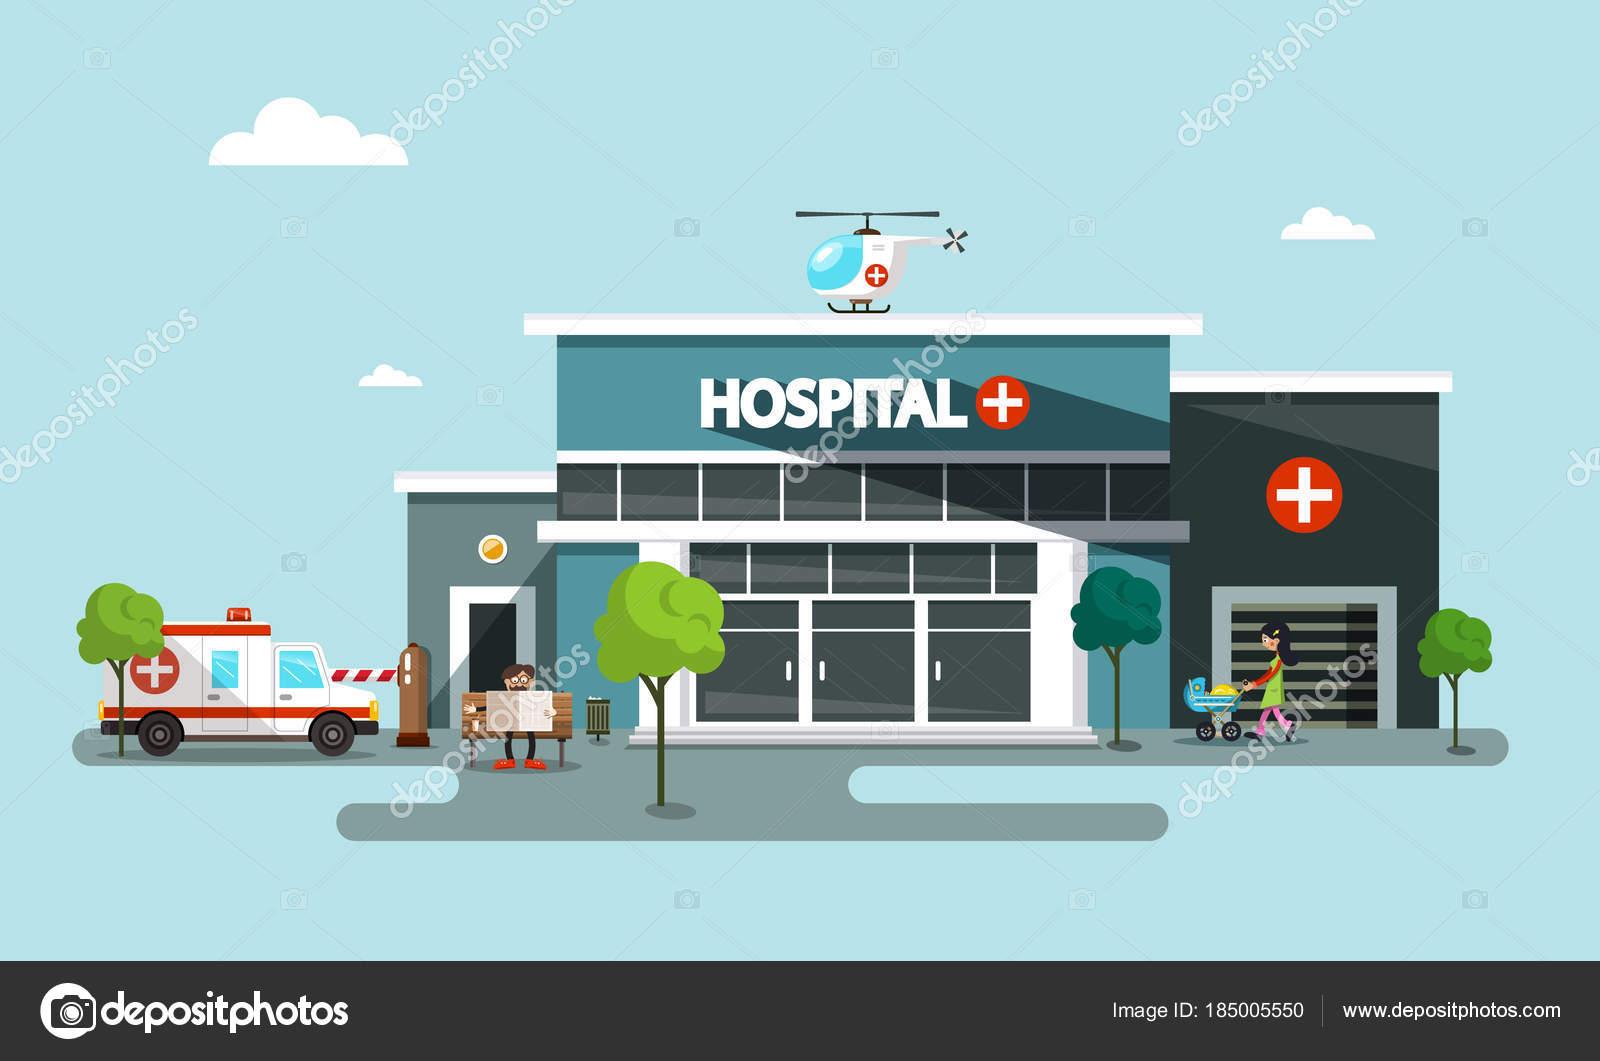 L Elicottero Posizione : Simbolo di vettore di ospedale con l elicottero auto ambulanza e